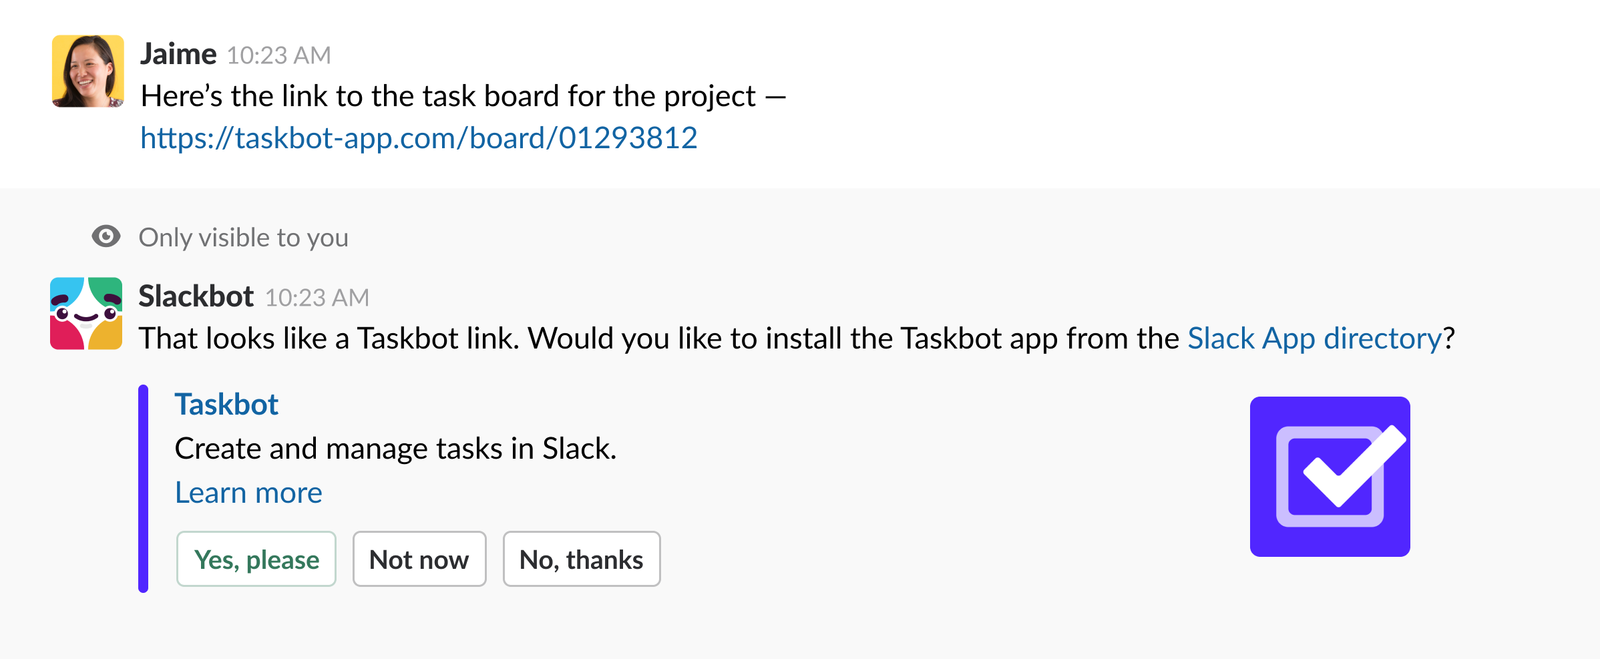 user posting taskbot link, response from slackbot to install taskbot